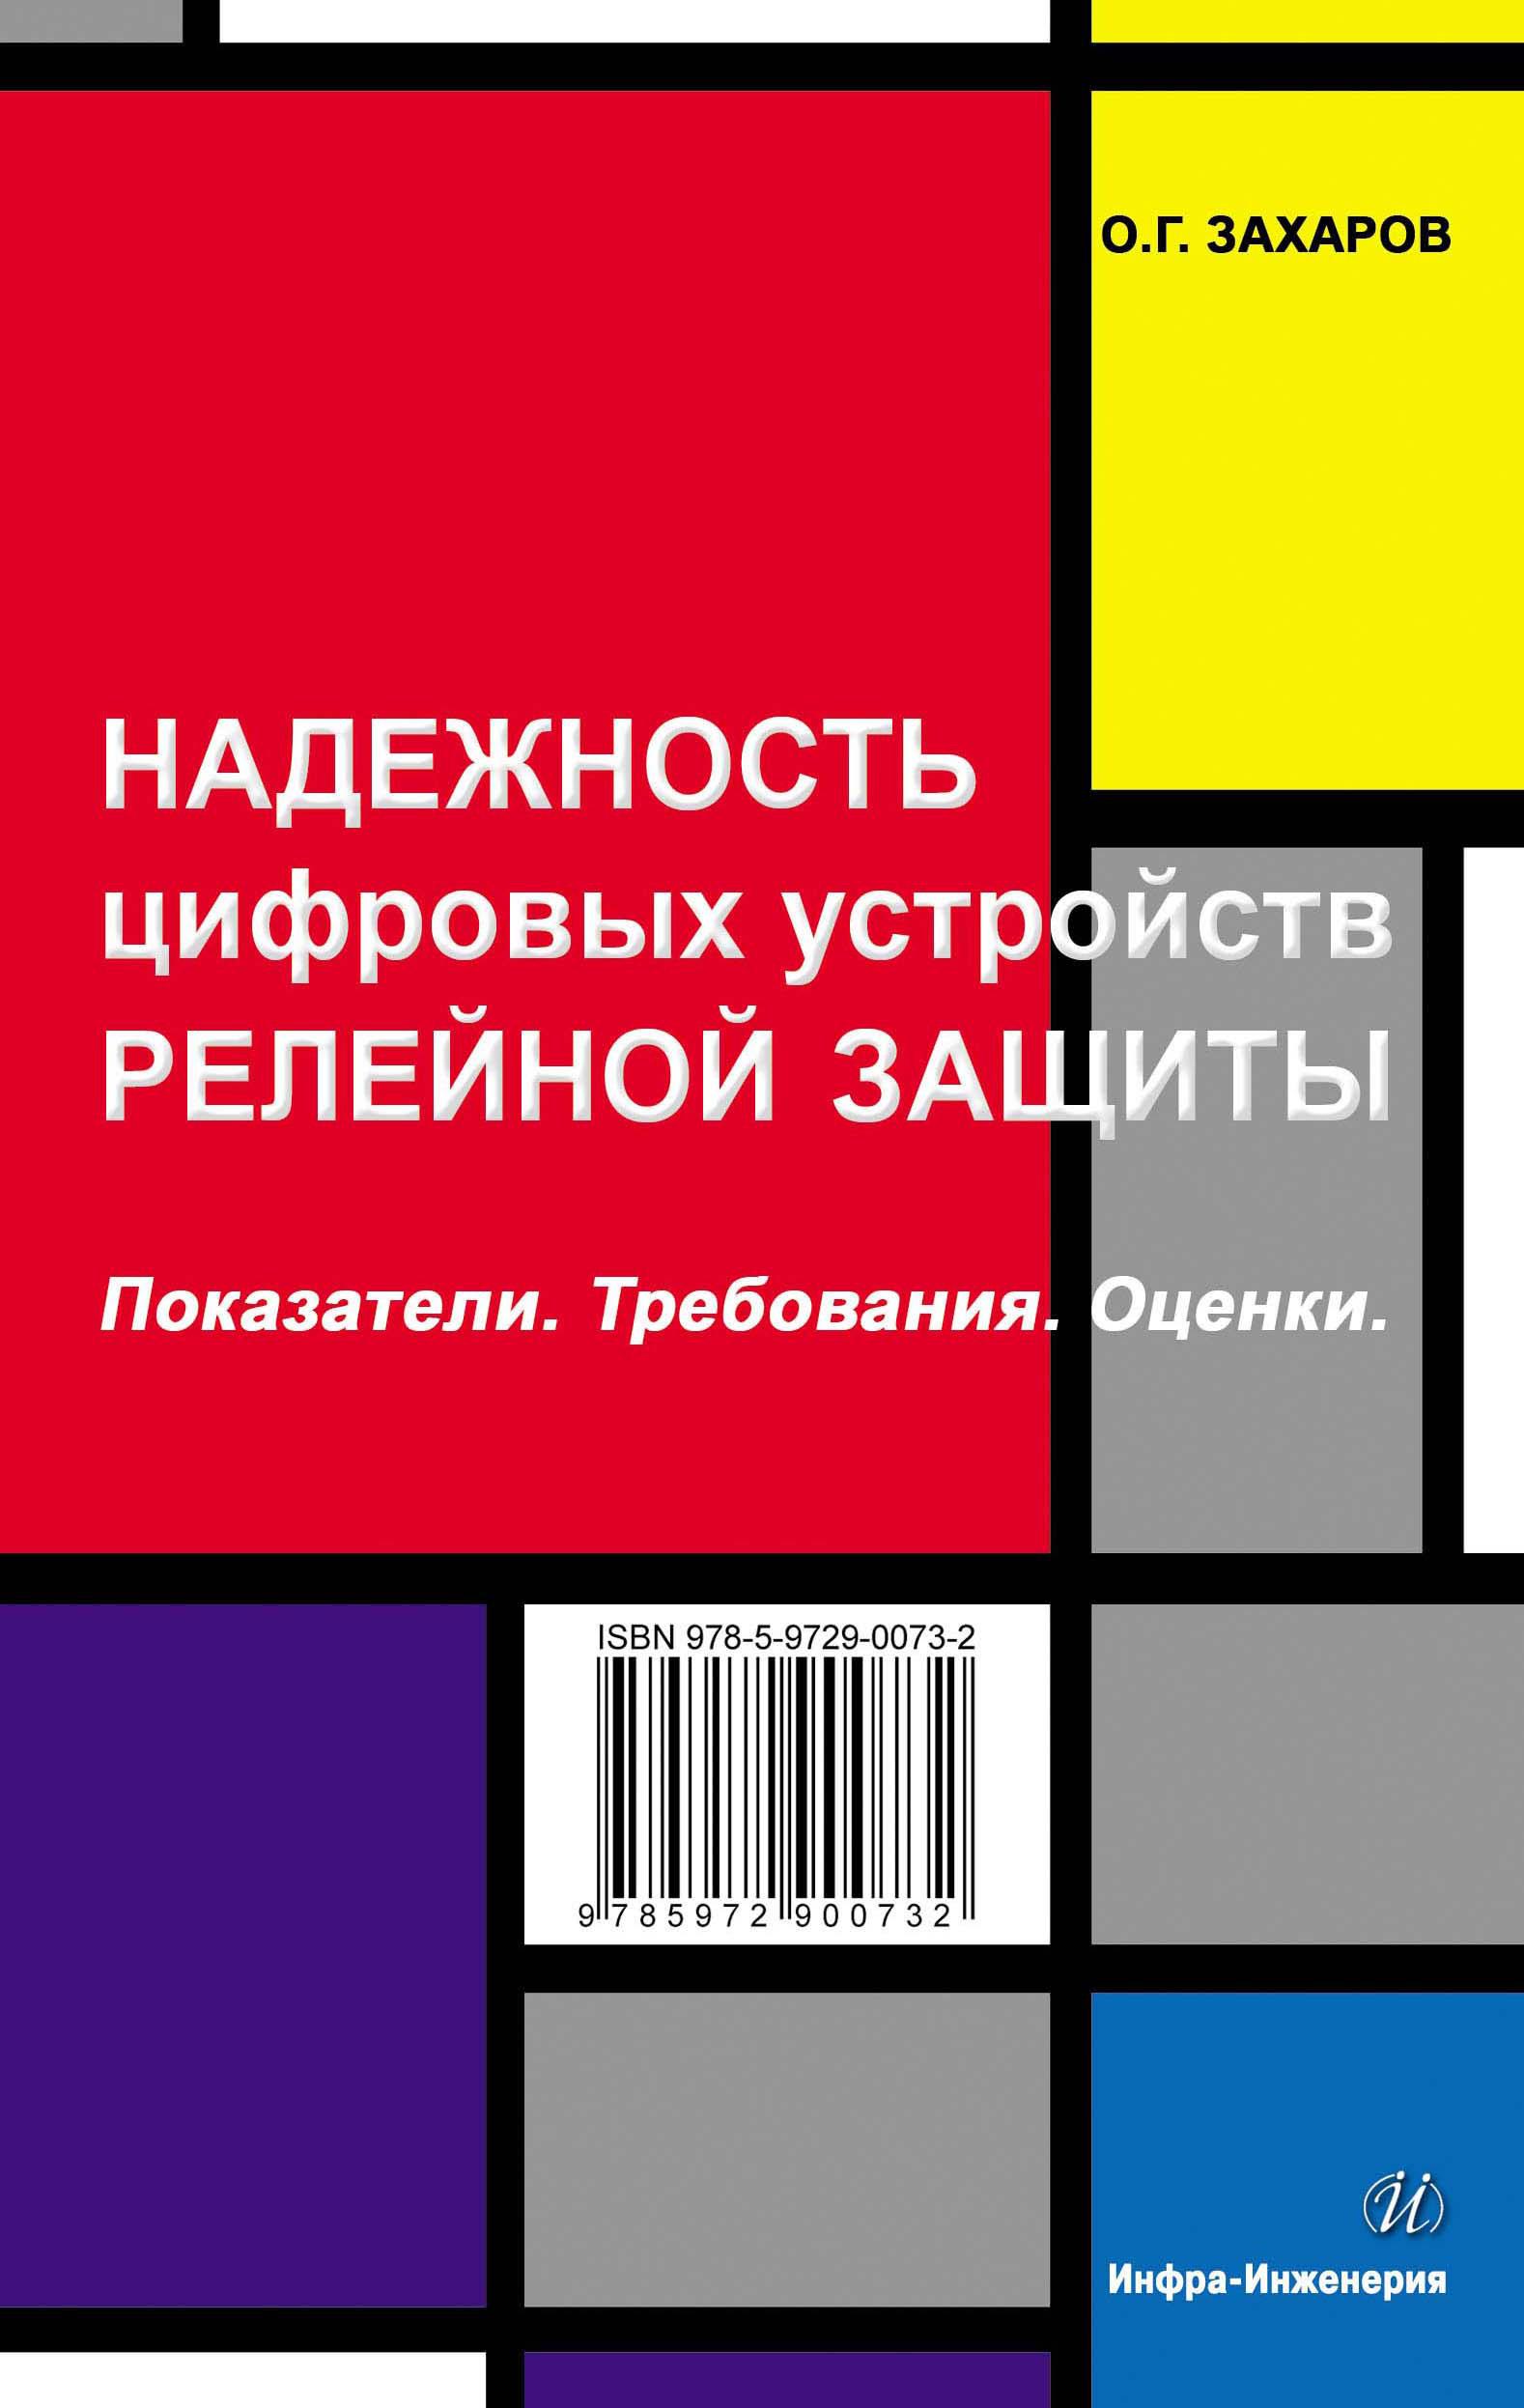 О. Г. Захаров Надежность цифровых устройств релейной защиты. Показатели. Требования. Оценки